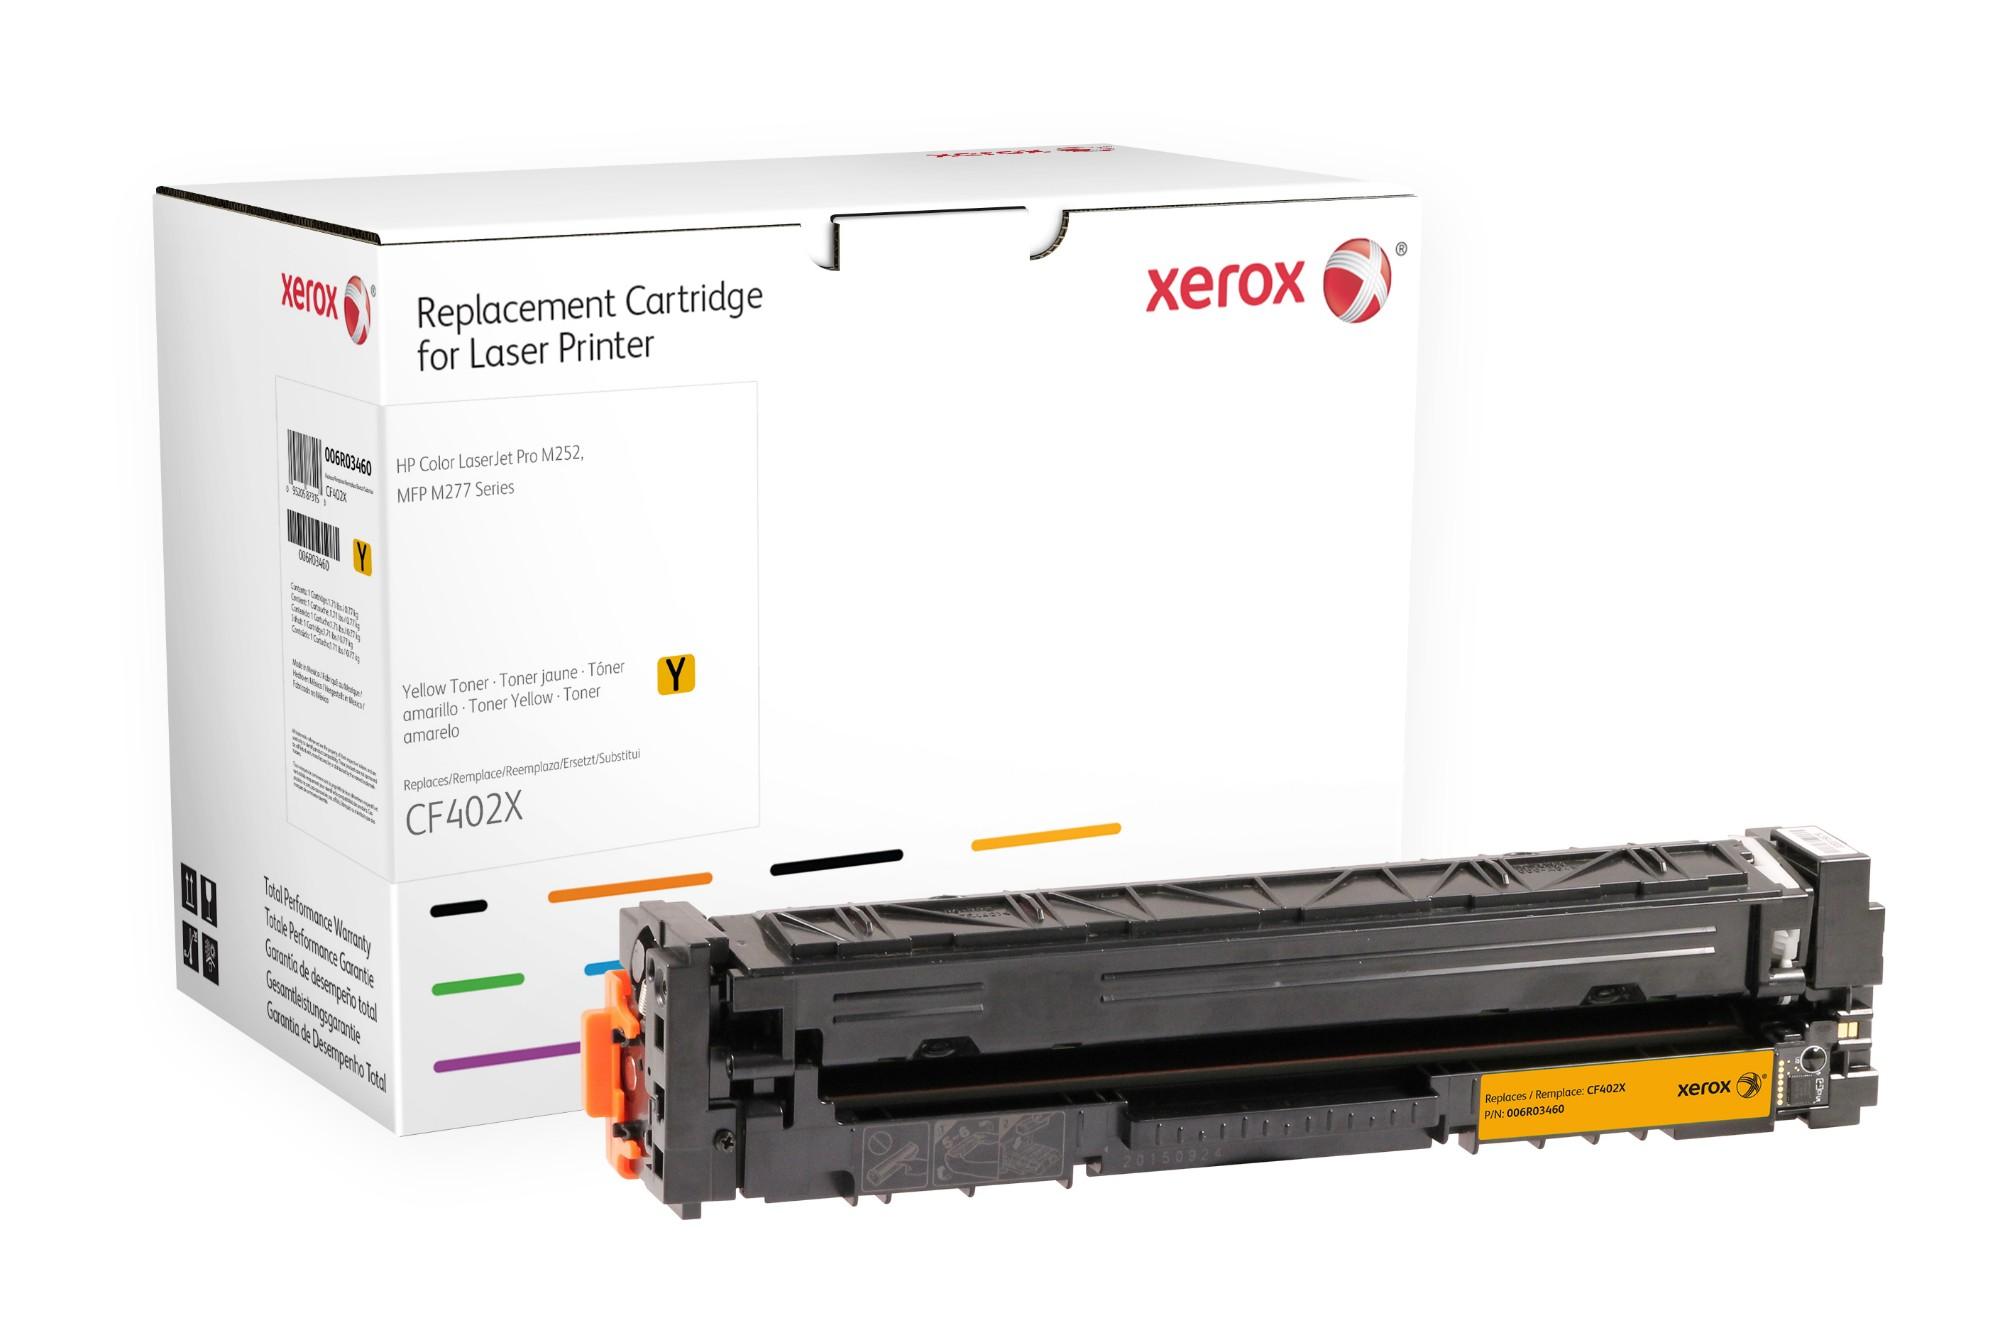 Xerox Cartucho de tóner amarillo. Equivalente a HP CF402X. Compatible con HP Colour LaserJet Pro M252, Colour LaserJet Pro M274, Colour LaserJet Pro M277